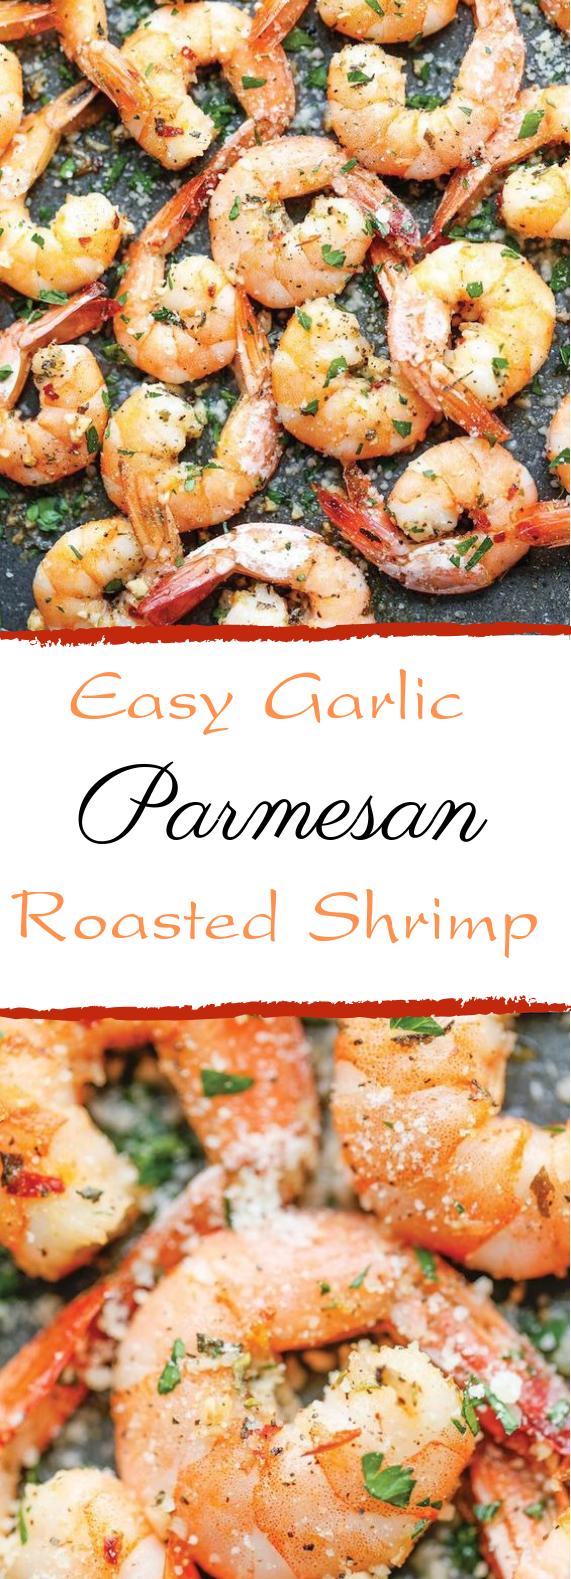 Garlic Parmesan Roasted Shrimp #easy #quickrecipe #garlicparmesanshrimp